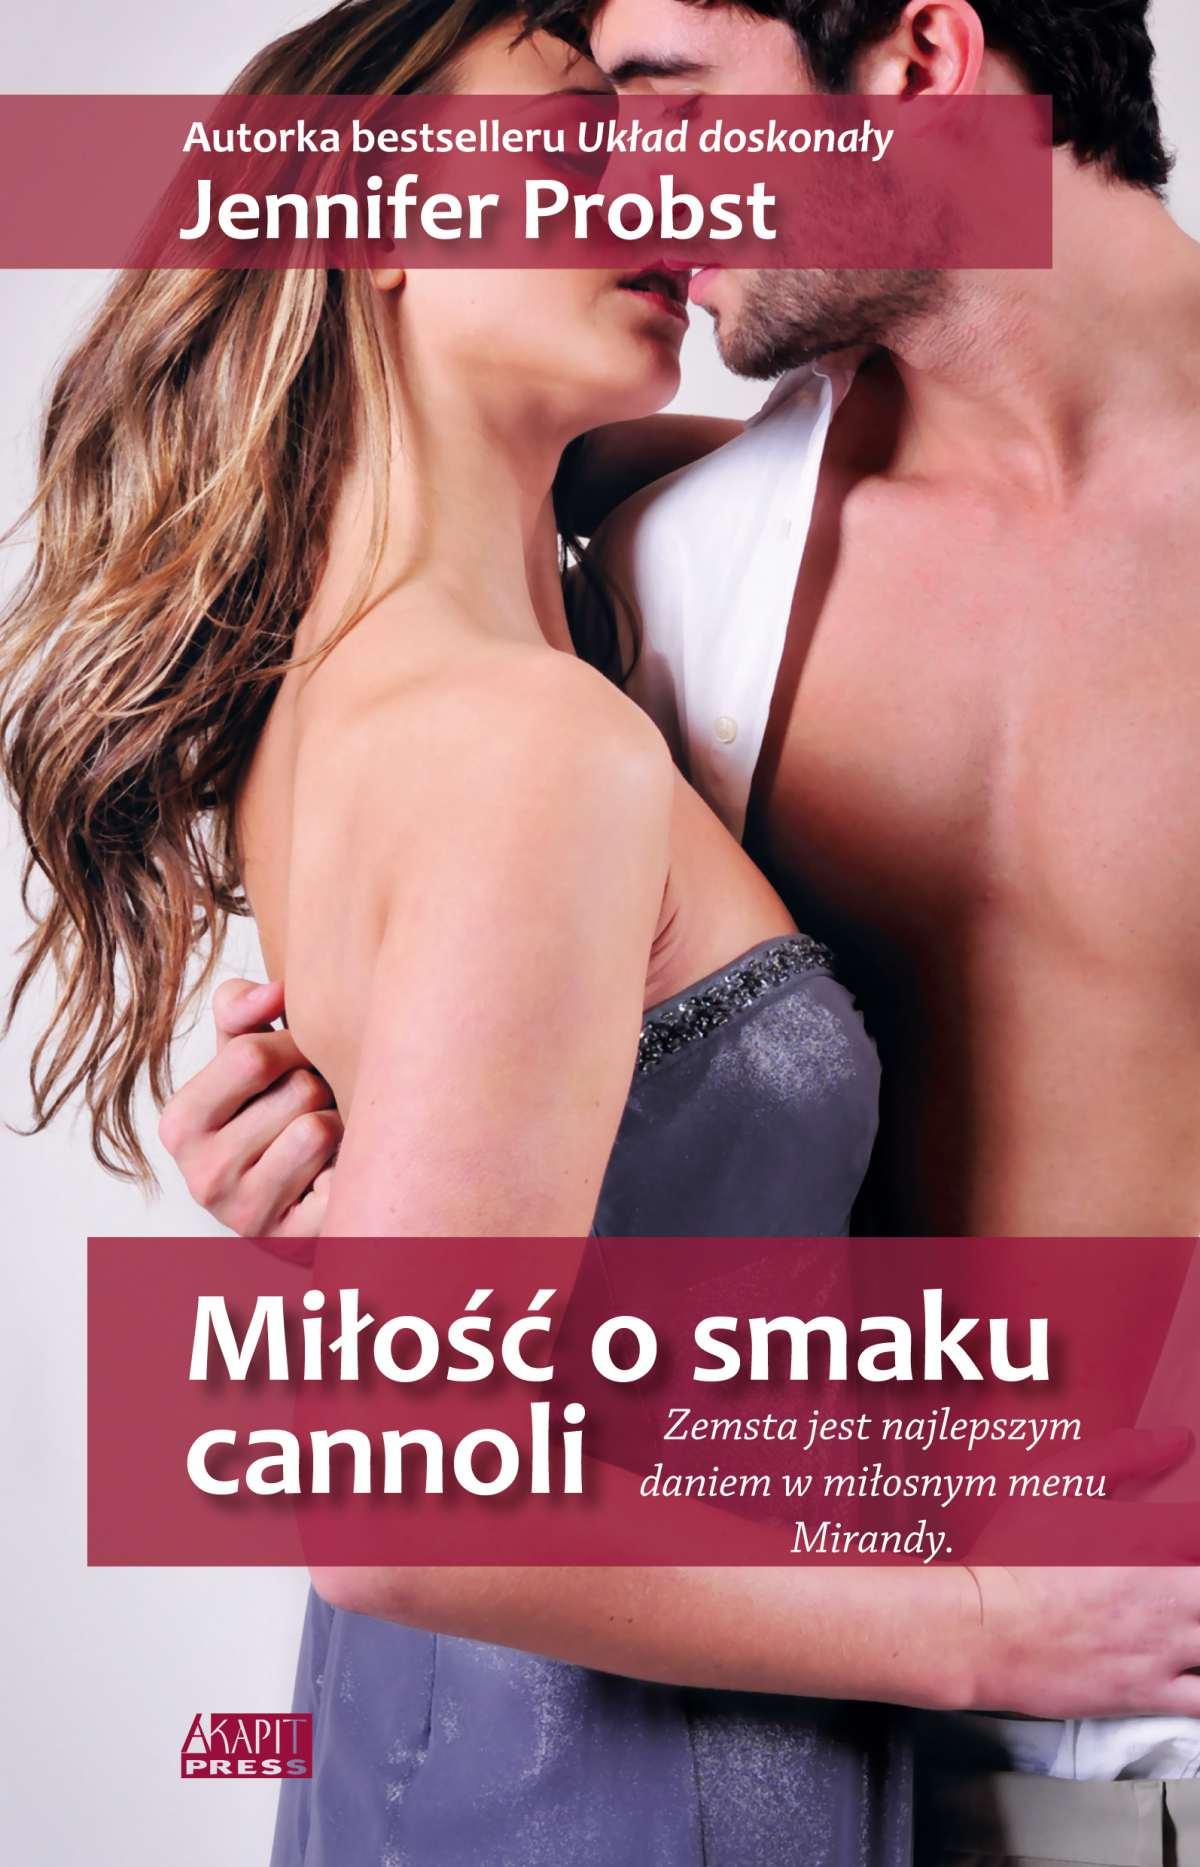 Miłość o smaku cannoli - Ebook (Książka EPUB) do pobrania w formacie EPUB